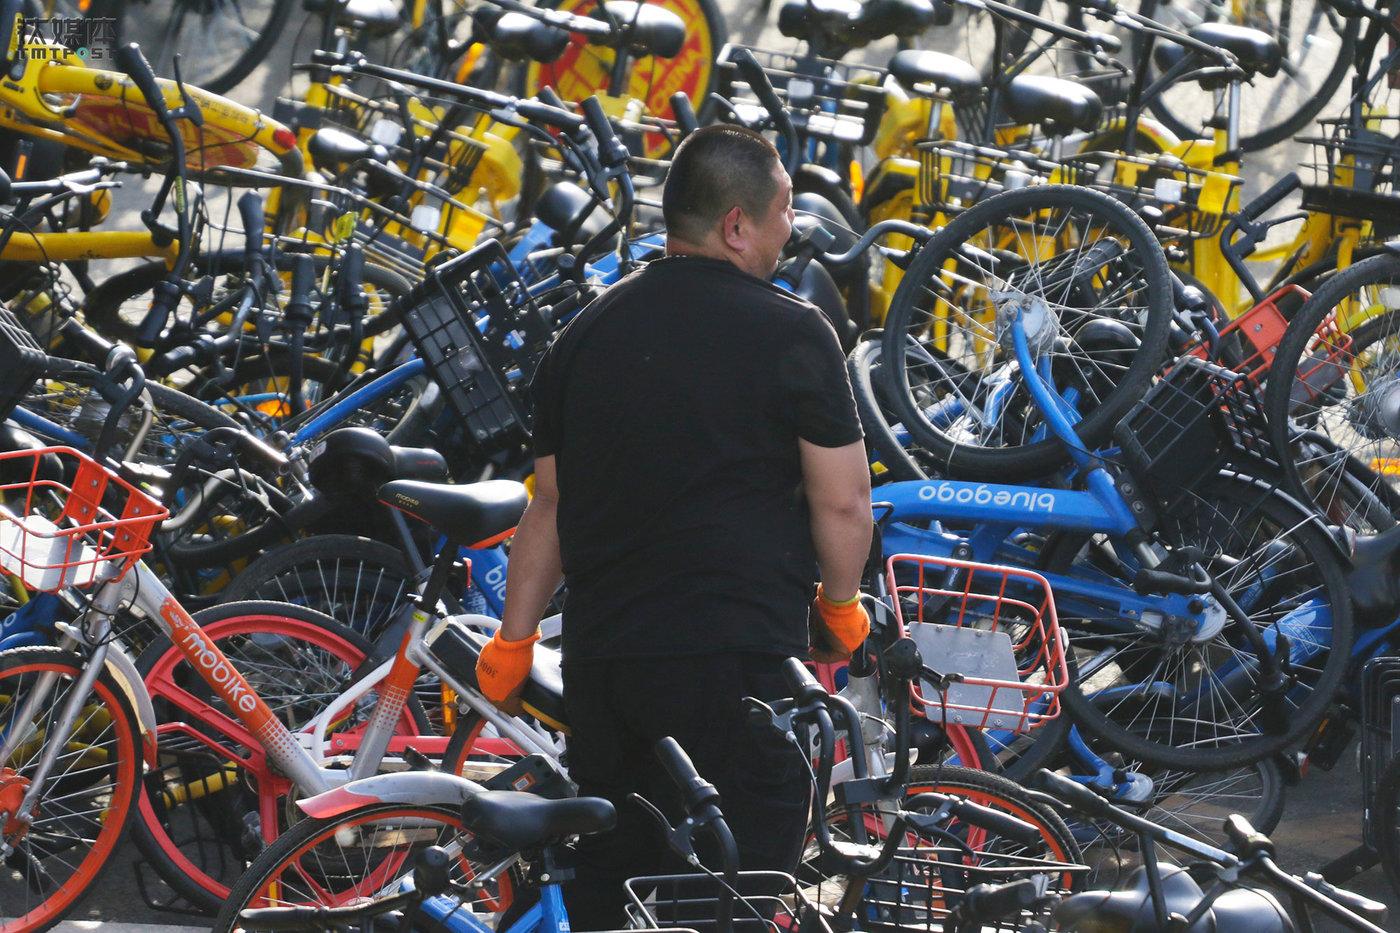 大强是一名共享单车搬运工,他每天用三轮或者厢货车在北京市内的公交车站、地铁站、写字楼之间运送共享单车。